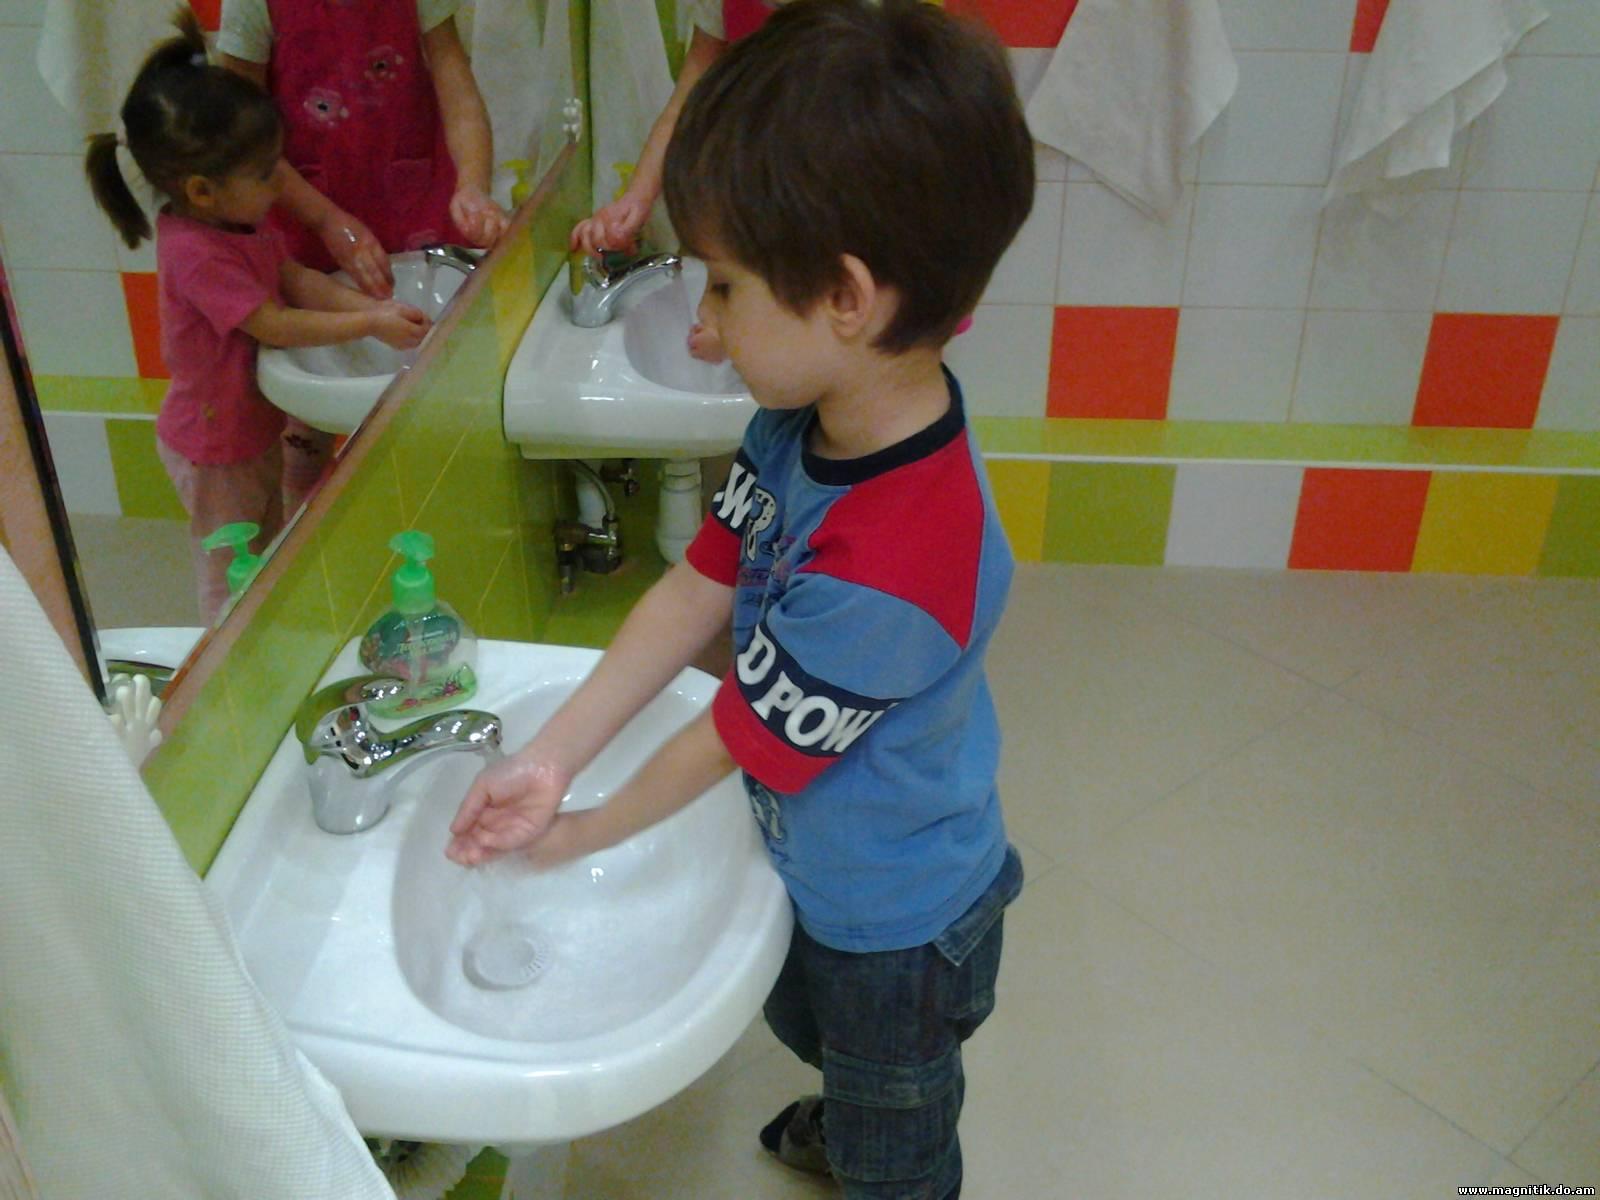 Фото детей как они умываются